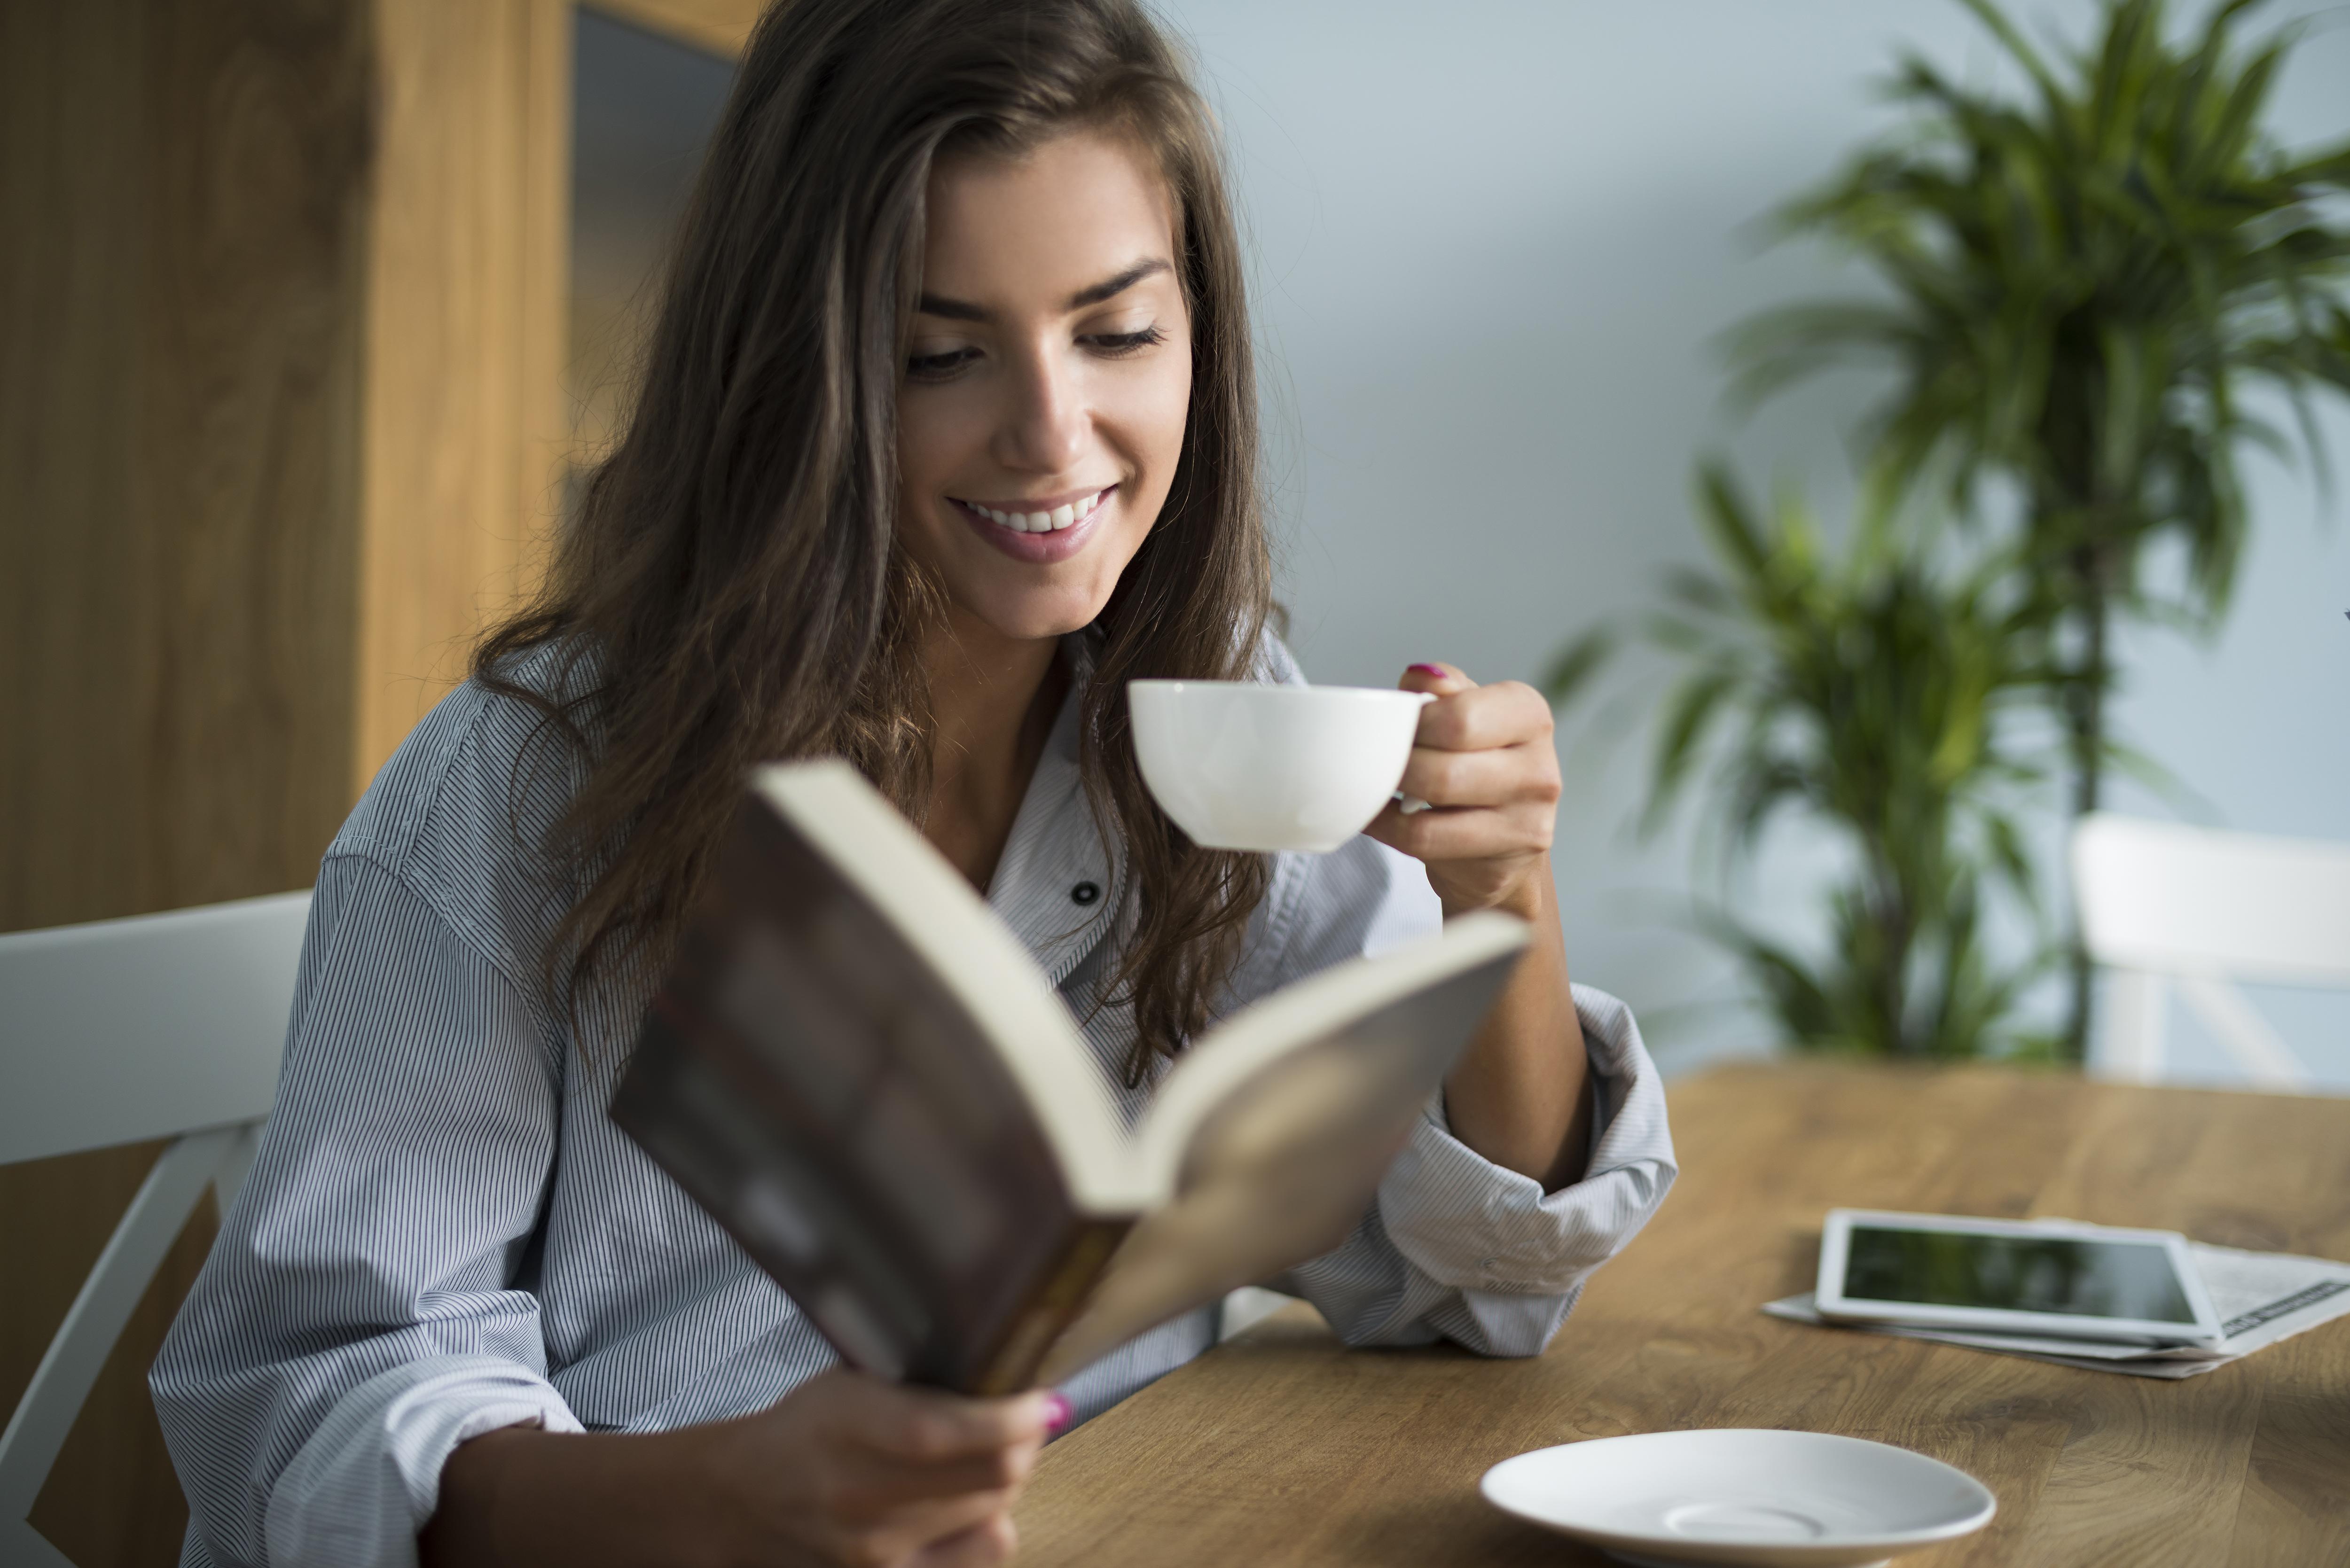 漆黑得像魔鬼、甜蜜得像愛情?快提醒身邊的咖啡愛好者,小心咖啡因過量了!